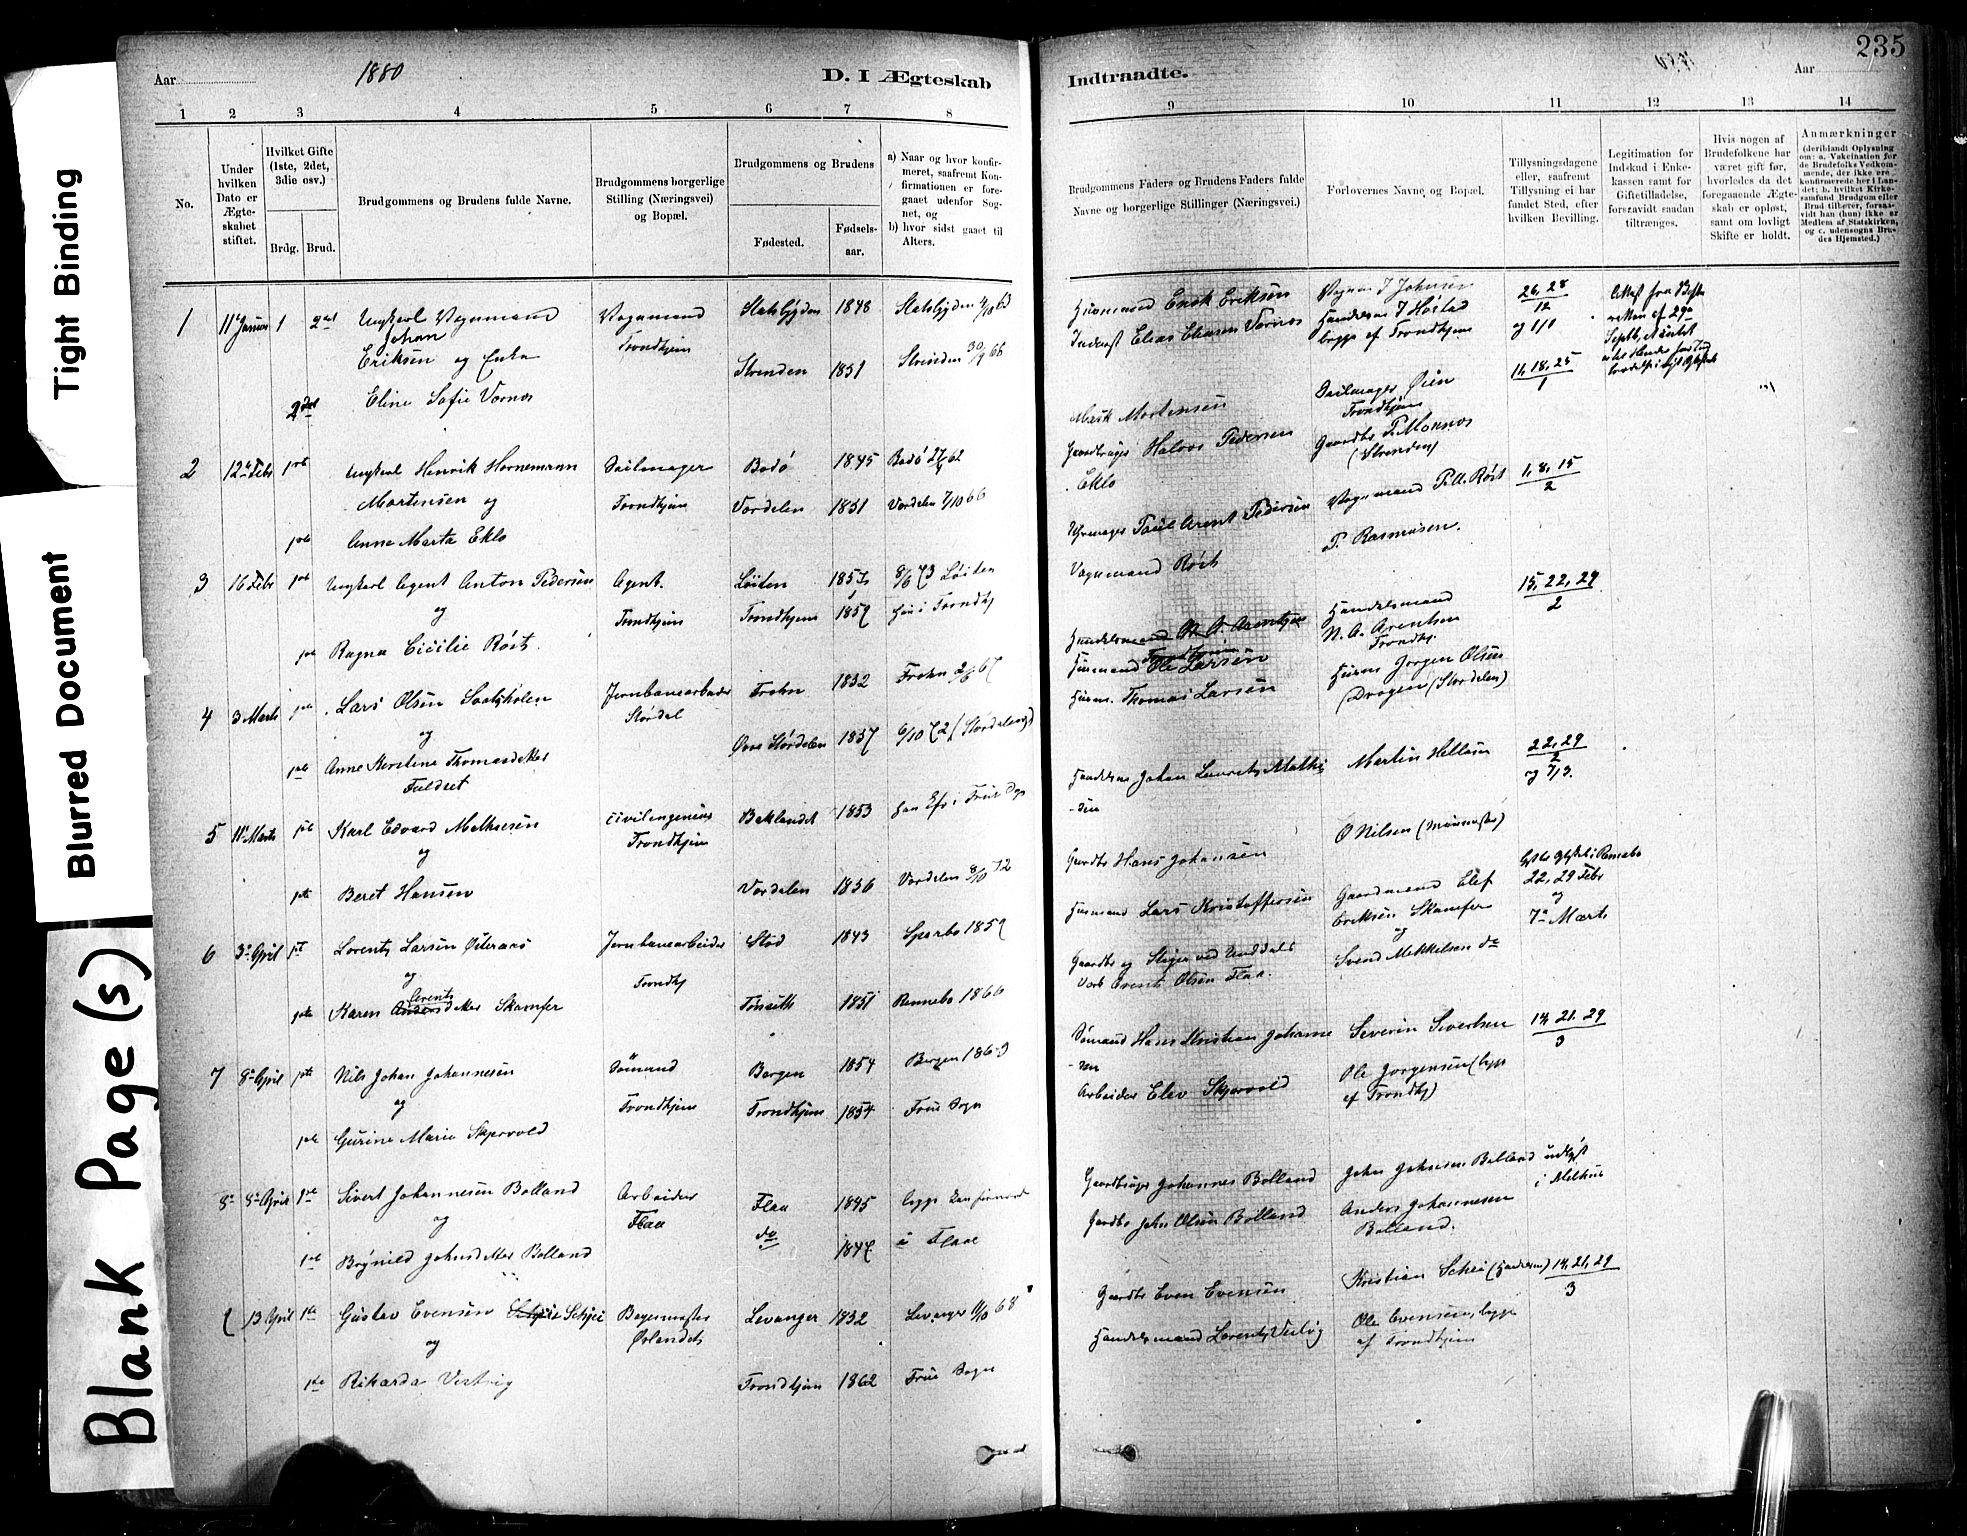 SAT, Ministerialprotokoller, klokkerbøker og fødselsregistre - Sør-Trøndelag, 602/L0119: Ministerialbok nr. 602A17, 1880-1901, s. 235